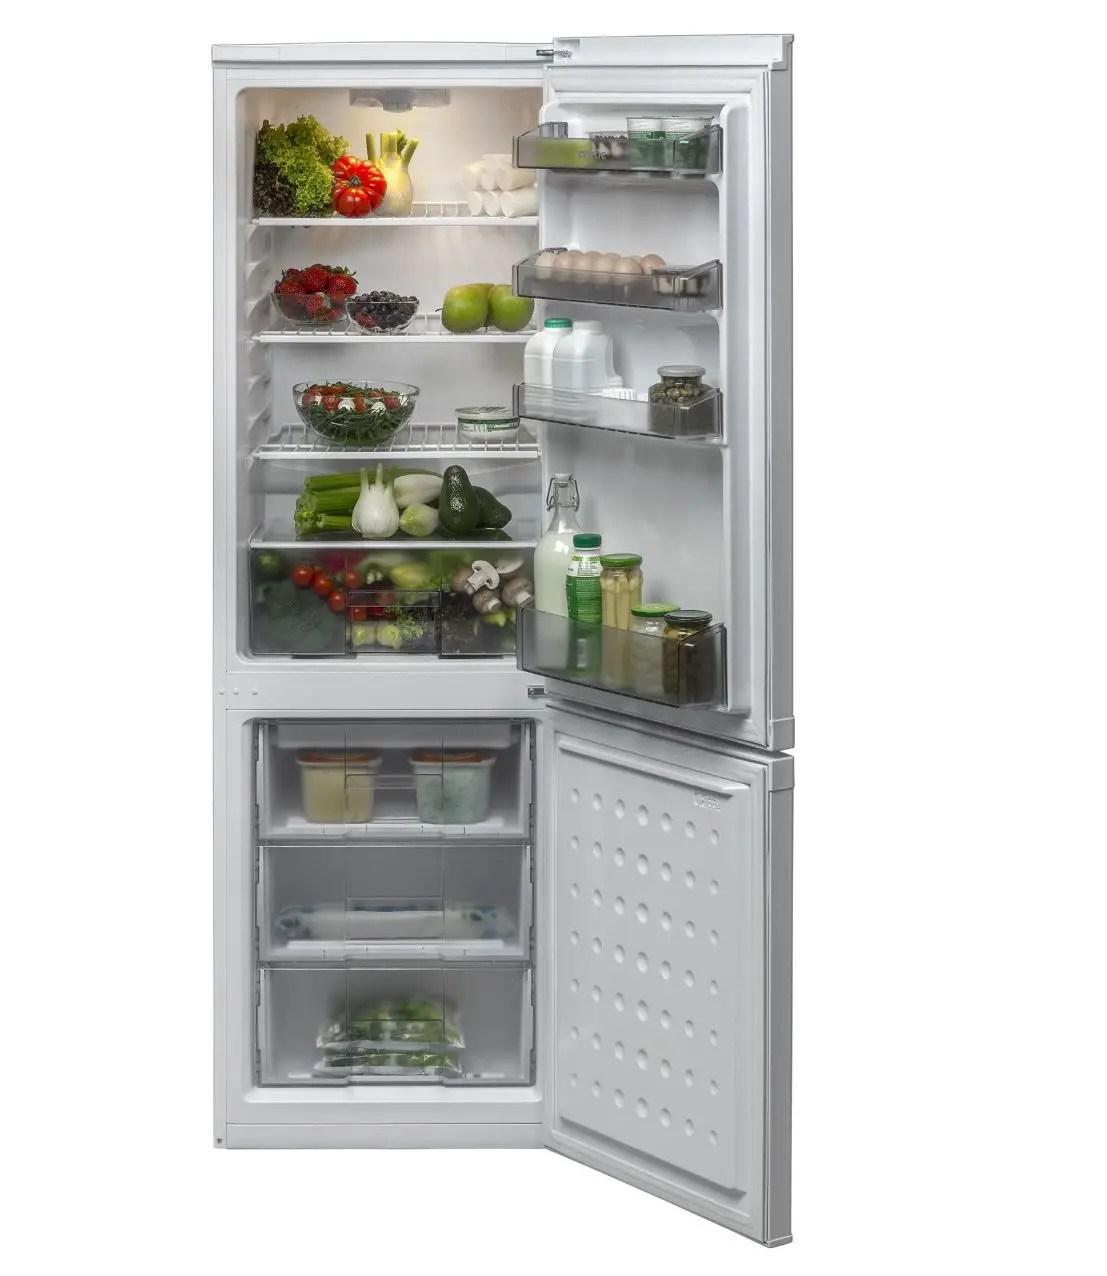 emag-ro-frigidere-3